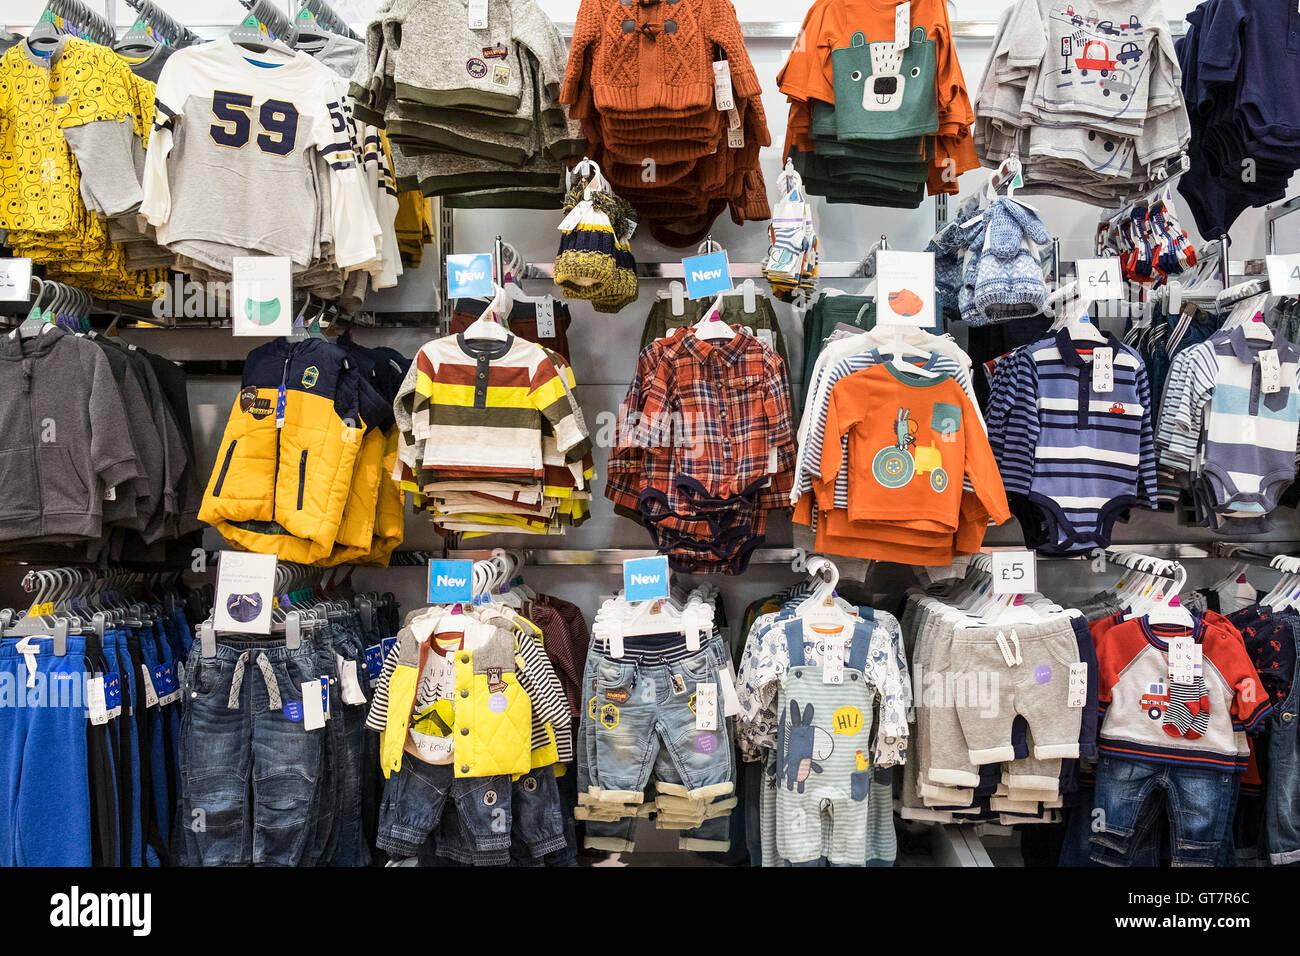 Leuke Voordelige Kinderkleding.Goedkope Kinderkleding Engeland Kinderkleding Leuke